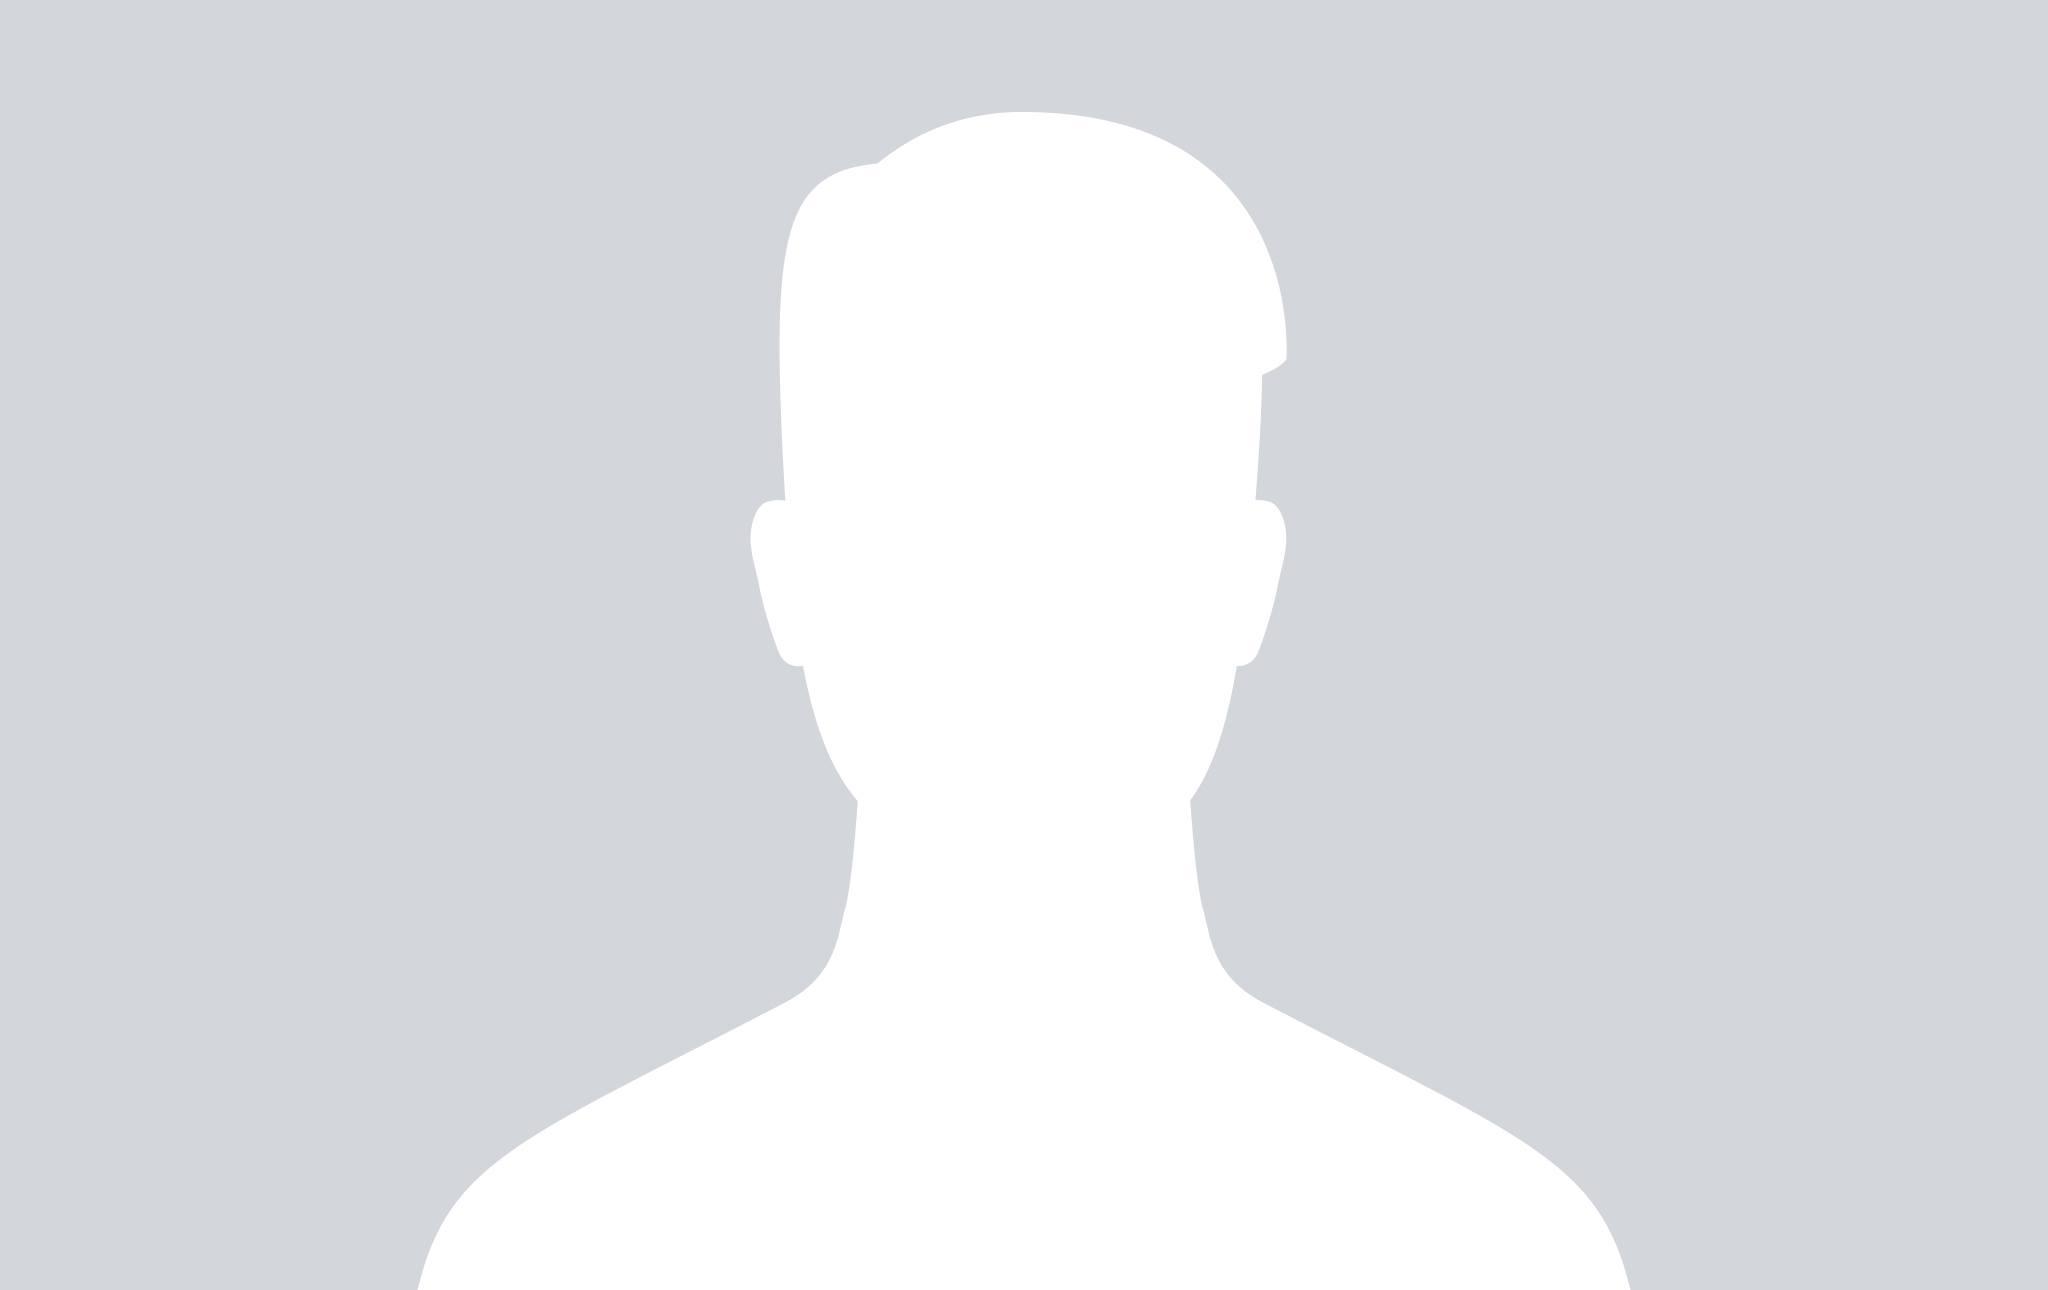 https://d2yht872mhrlra.cloudfront.net/user/113165/user_113165.jpg